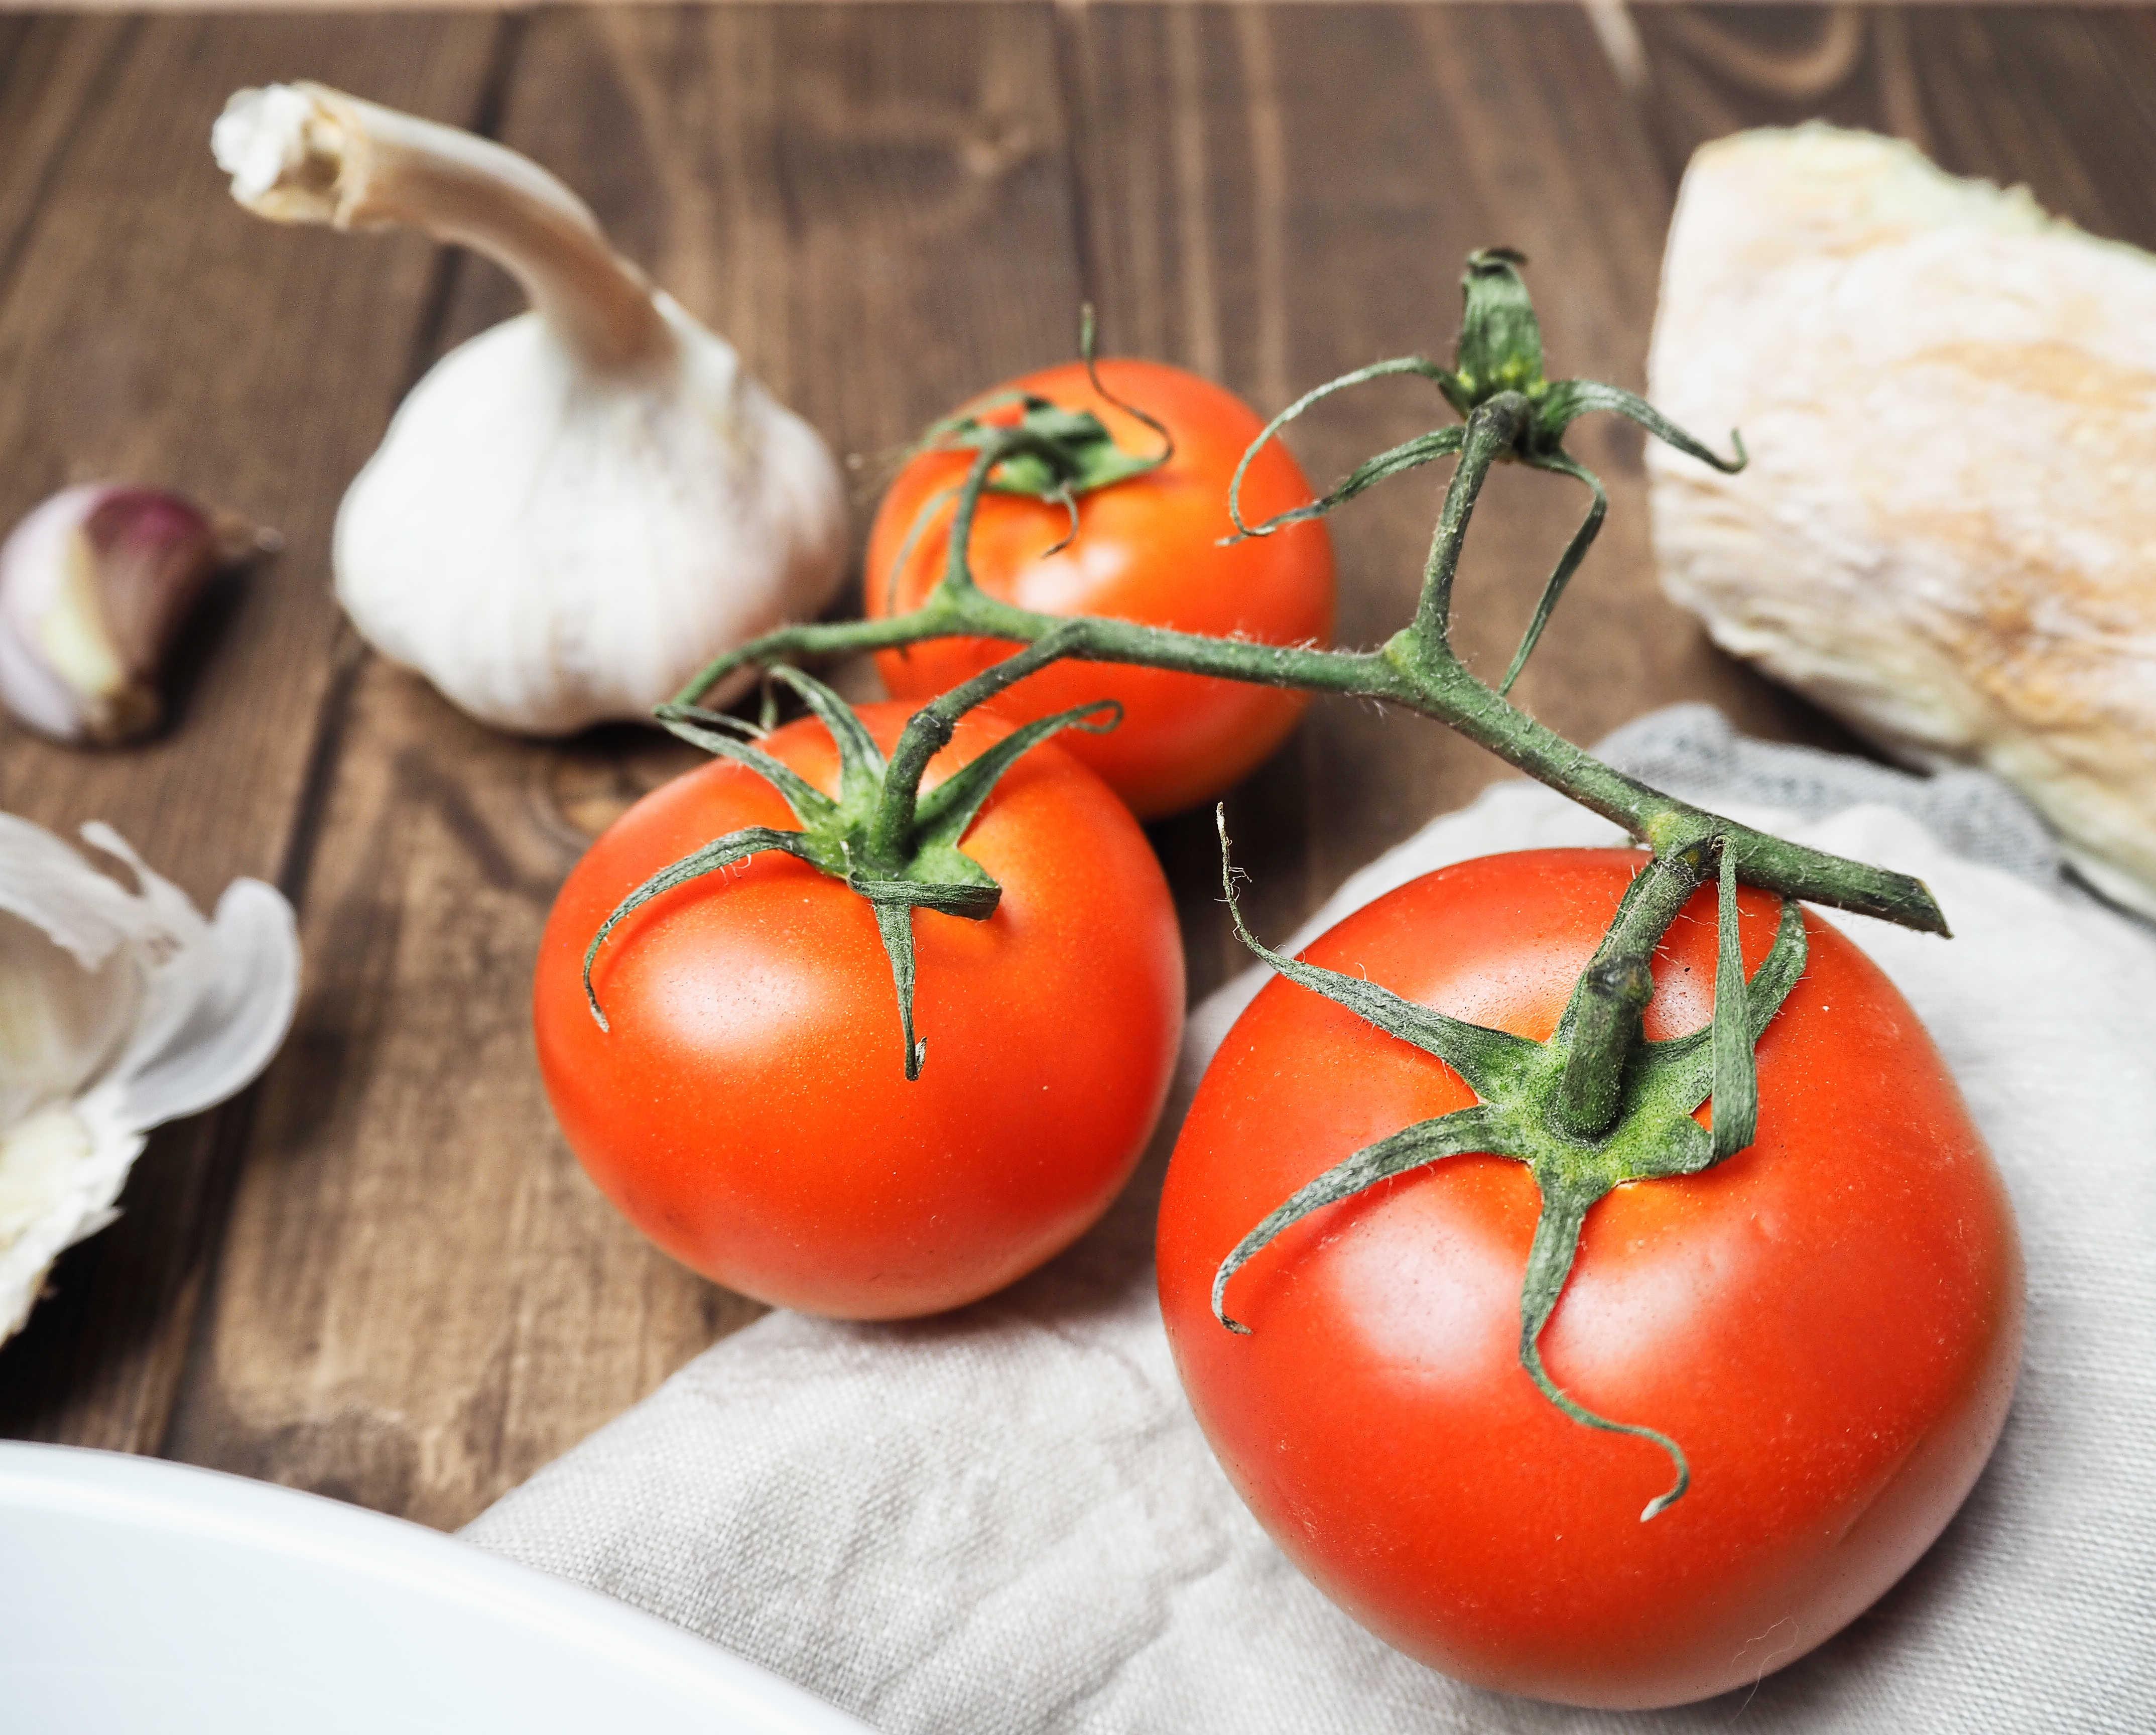 Tomaten und Knoblauch für Gnocchi in Tomaten-Weißwein-Soße mit Thunfisch und Muscheln